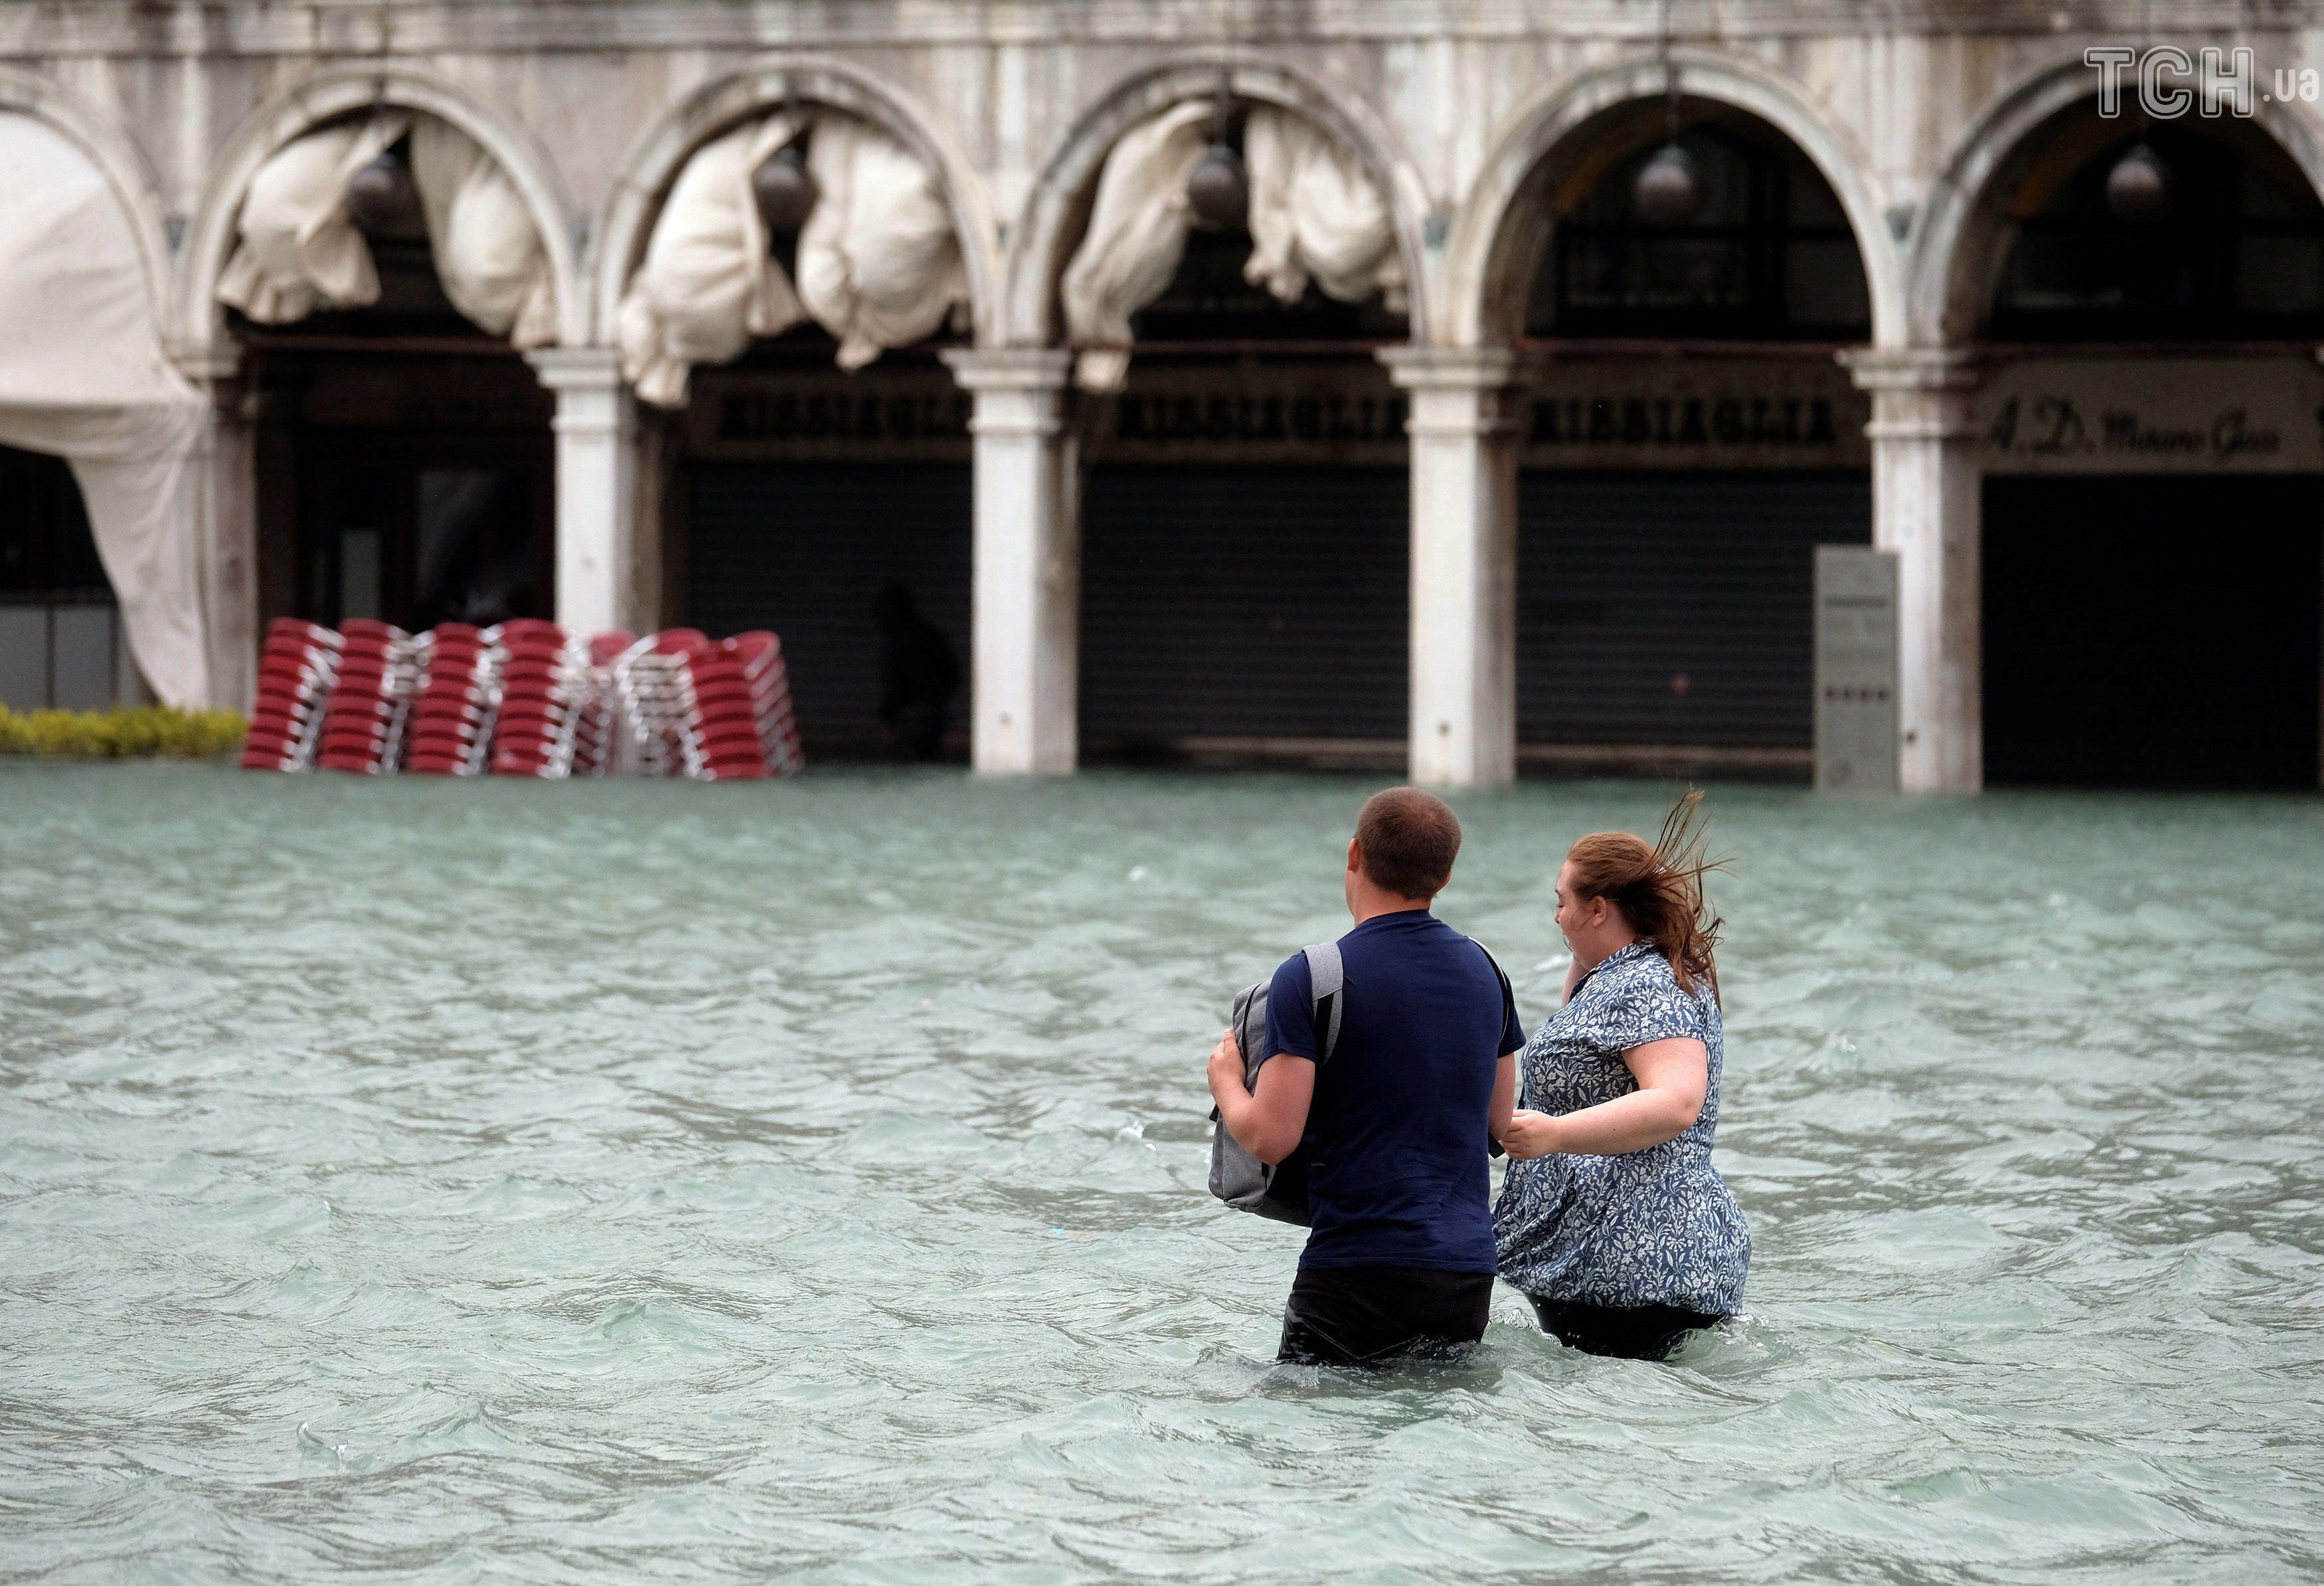 Из-за наводнения 70% Венеции оказалось под водой! Вот жуткие фото Город на воде ушёл под воду.